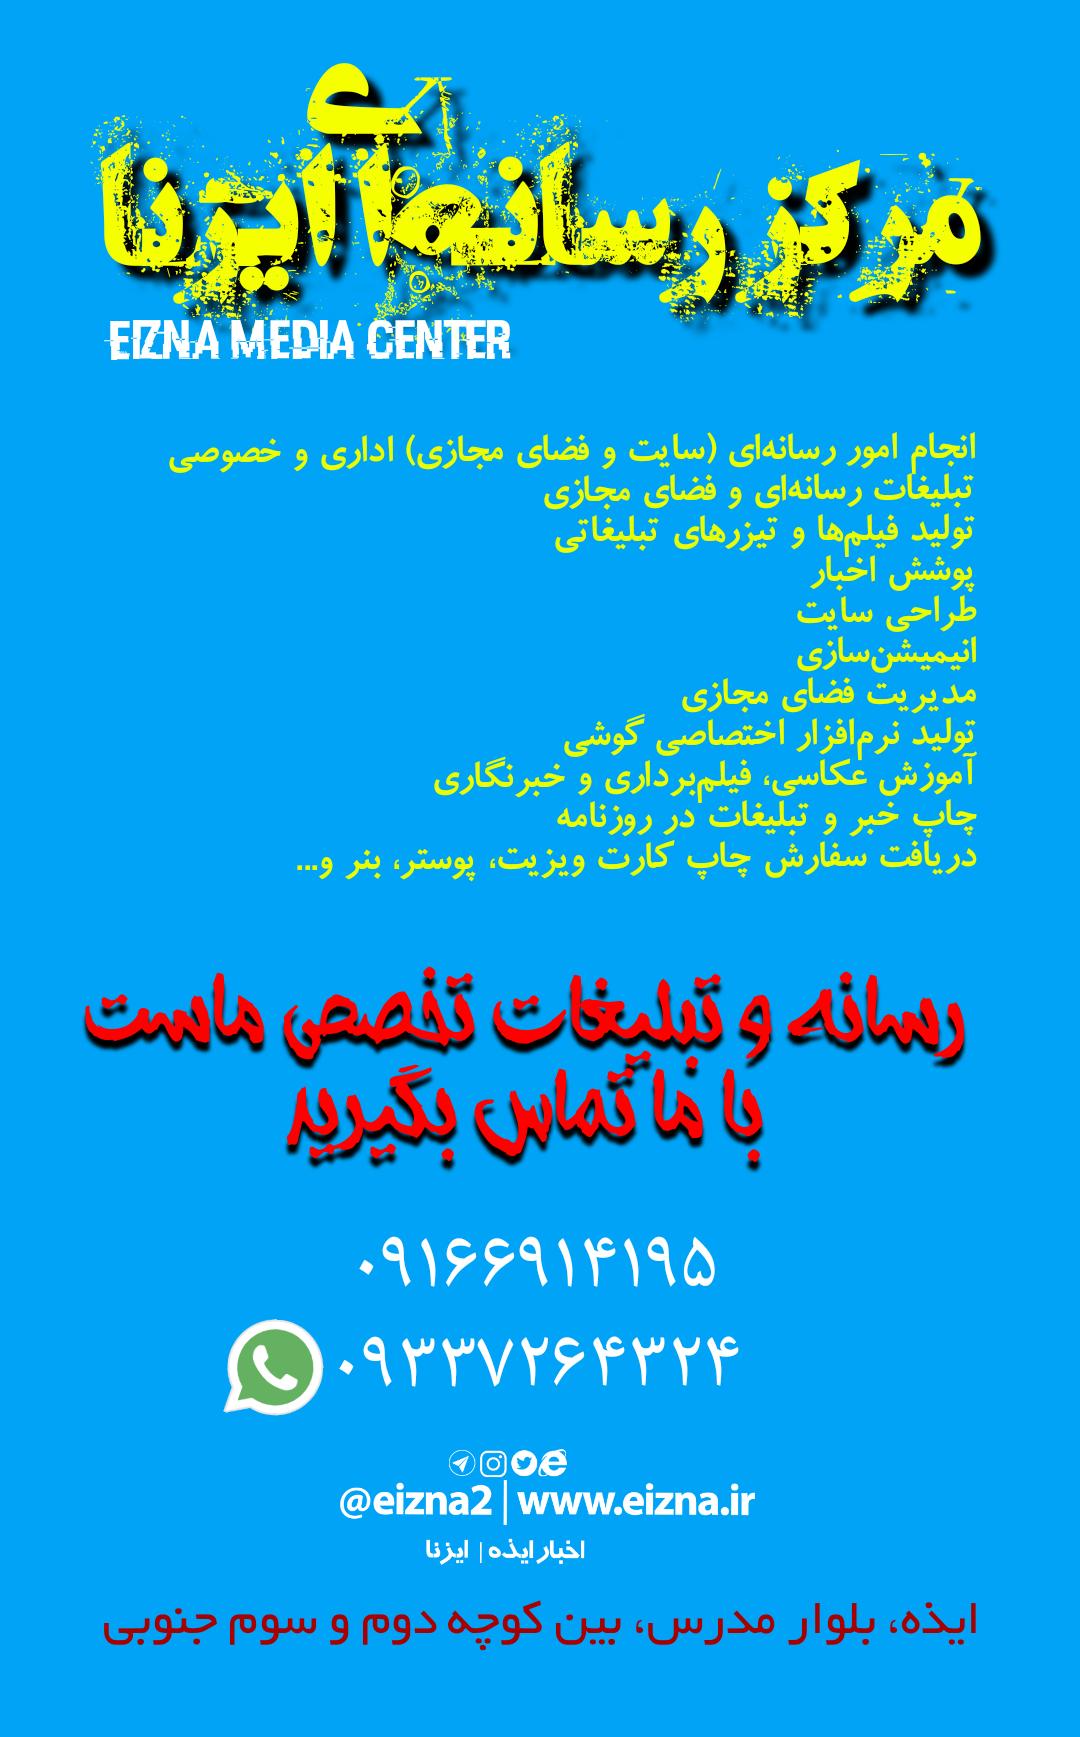 مرکز رسانه ای ایزنا